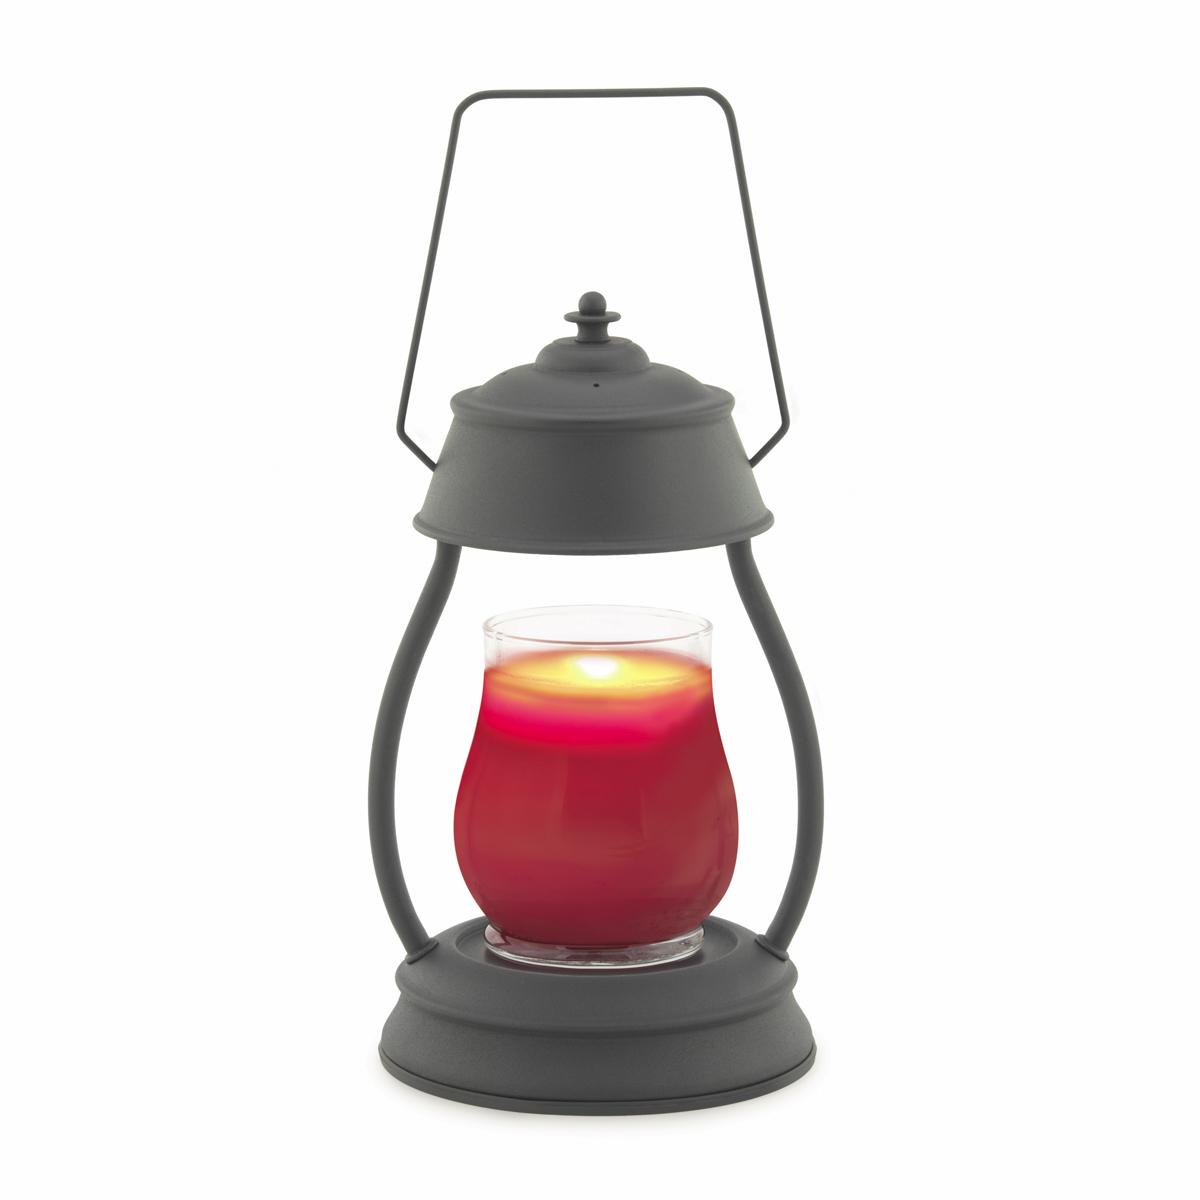 Представляем Вашему вниманию лаконичный дизайн и узнаваемый стиль ламп и фонарей от Candle Warmers в современном и классическом стиле.  Используйте их для освещения комнаты, декора, а также для ароматизации помещения. Поместите под лампу свечу нужного размера, и наслаждайтесь любимым ароматом без зажигания свечи . Прекрасно подойдёт для безопасного использования без применения огня.  Черный матовый фонарь. При ослаблении аромата , жидкий воск можно вылить, и свеча зазвучит по новому.  Подойдёт диаметр свечи 10 см, высота 14 см без крышки. Свеча на фото не поставляется в комплекте с лампой.